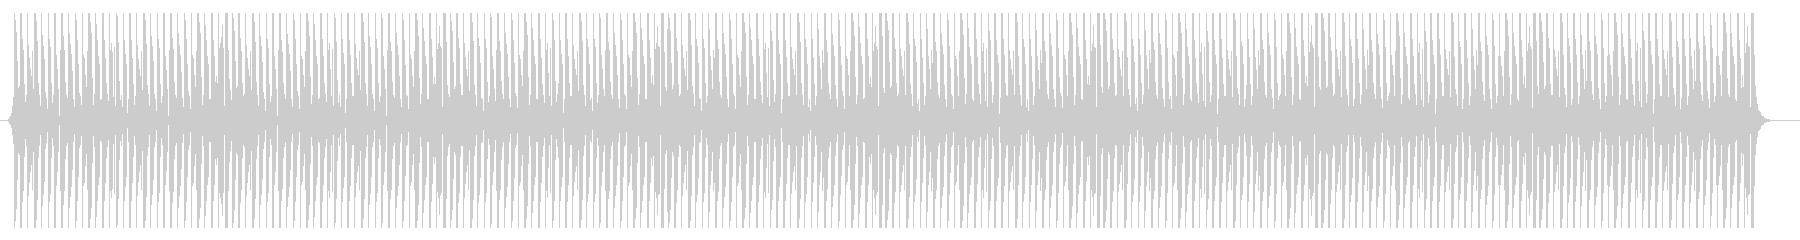 軽快、リズミカルなテクノビートBGMの未再生の波形